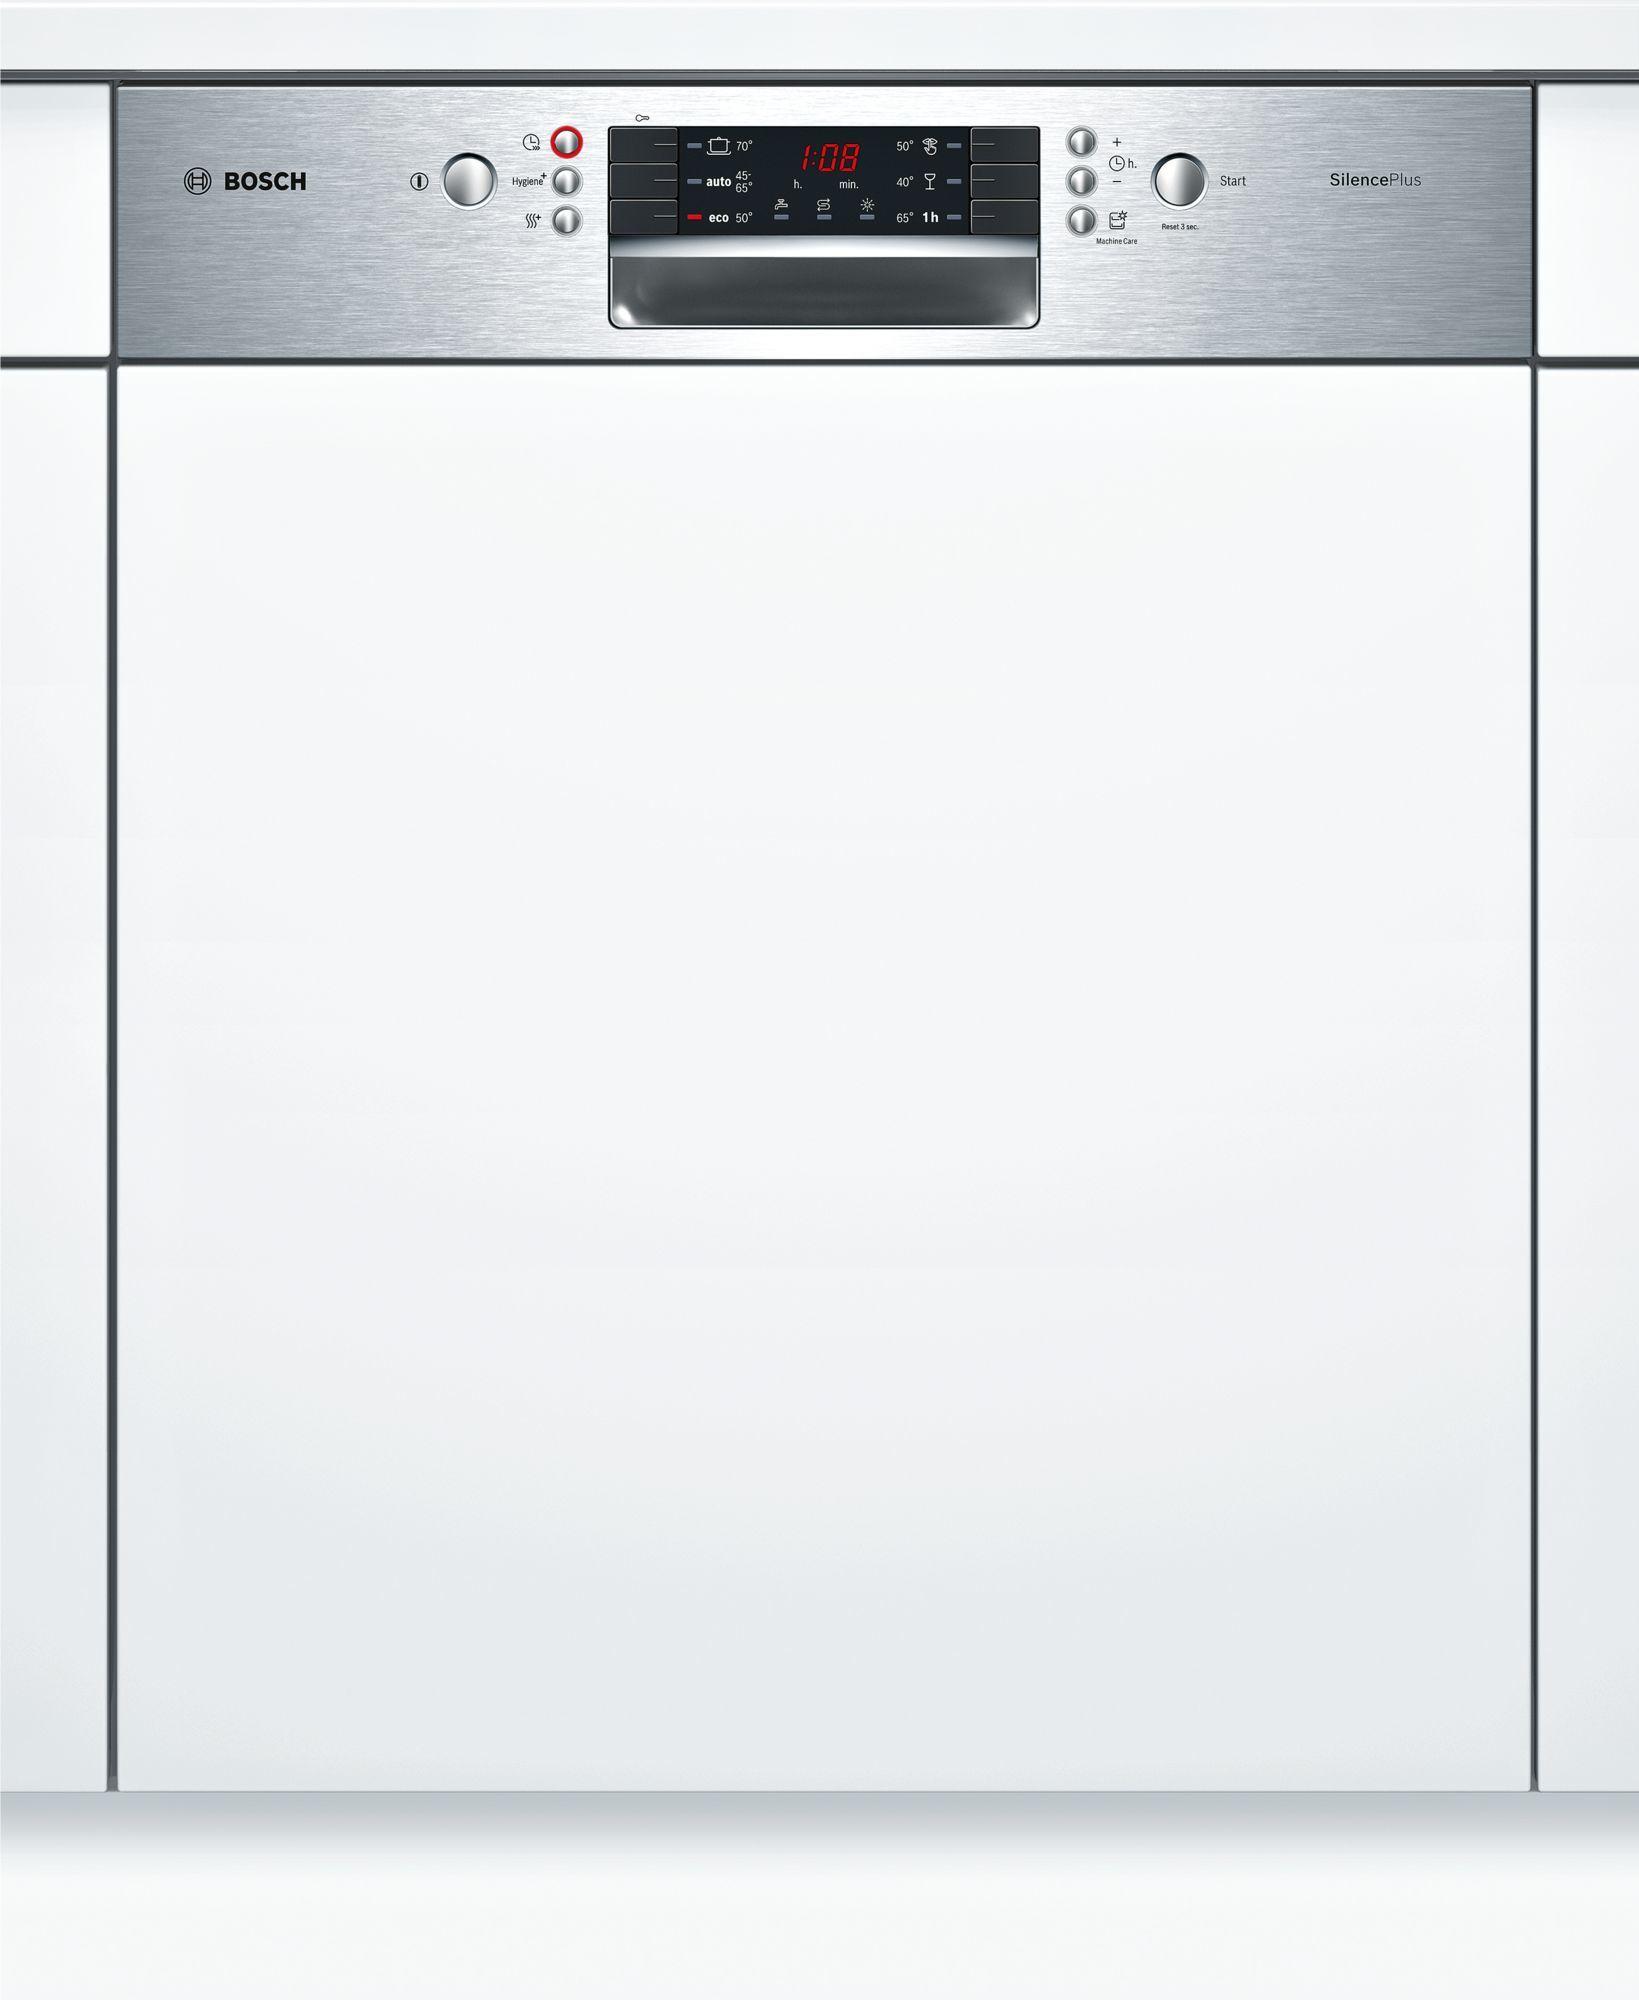 bosch lave vaisselle silenceplus smi46as01e blanc achat lave vaisselle a. Black Bedroom Furniture Sets. Home Design Ideas